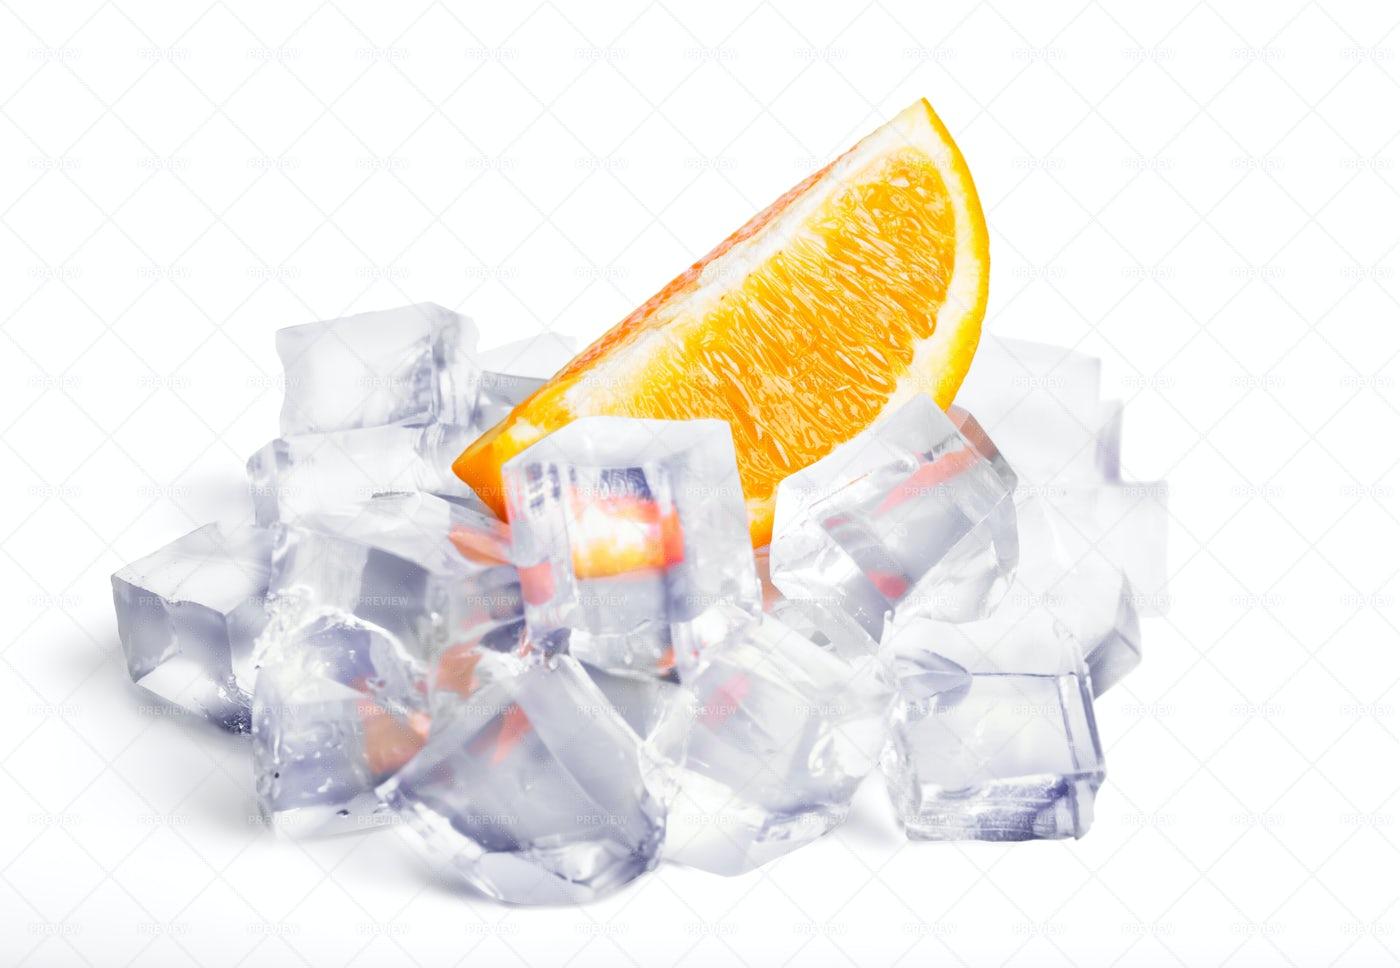 Orange Slice In Ice: Stock Photos